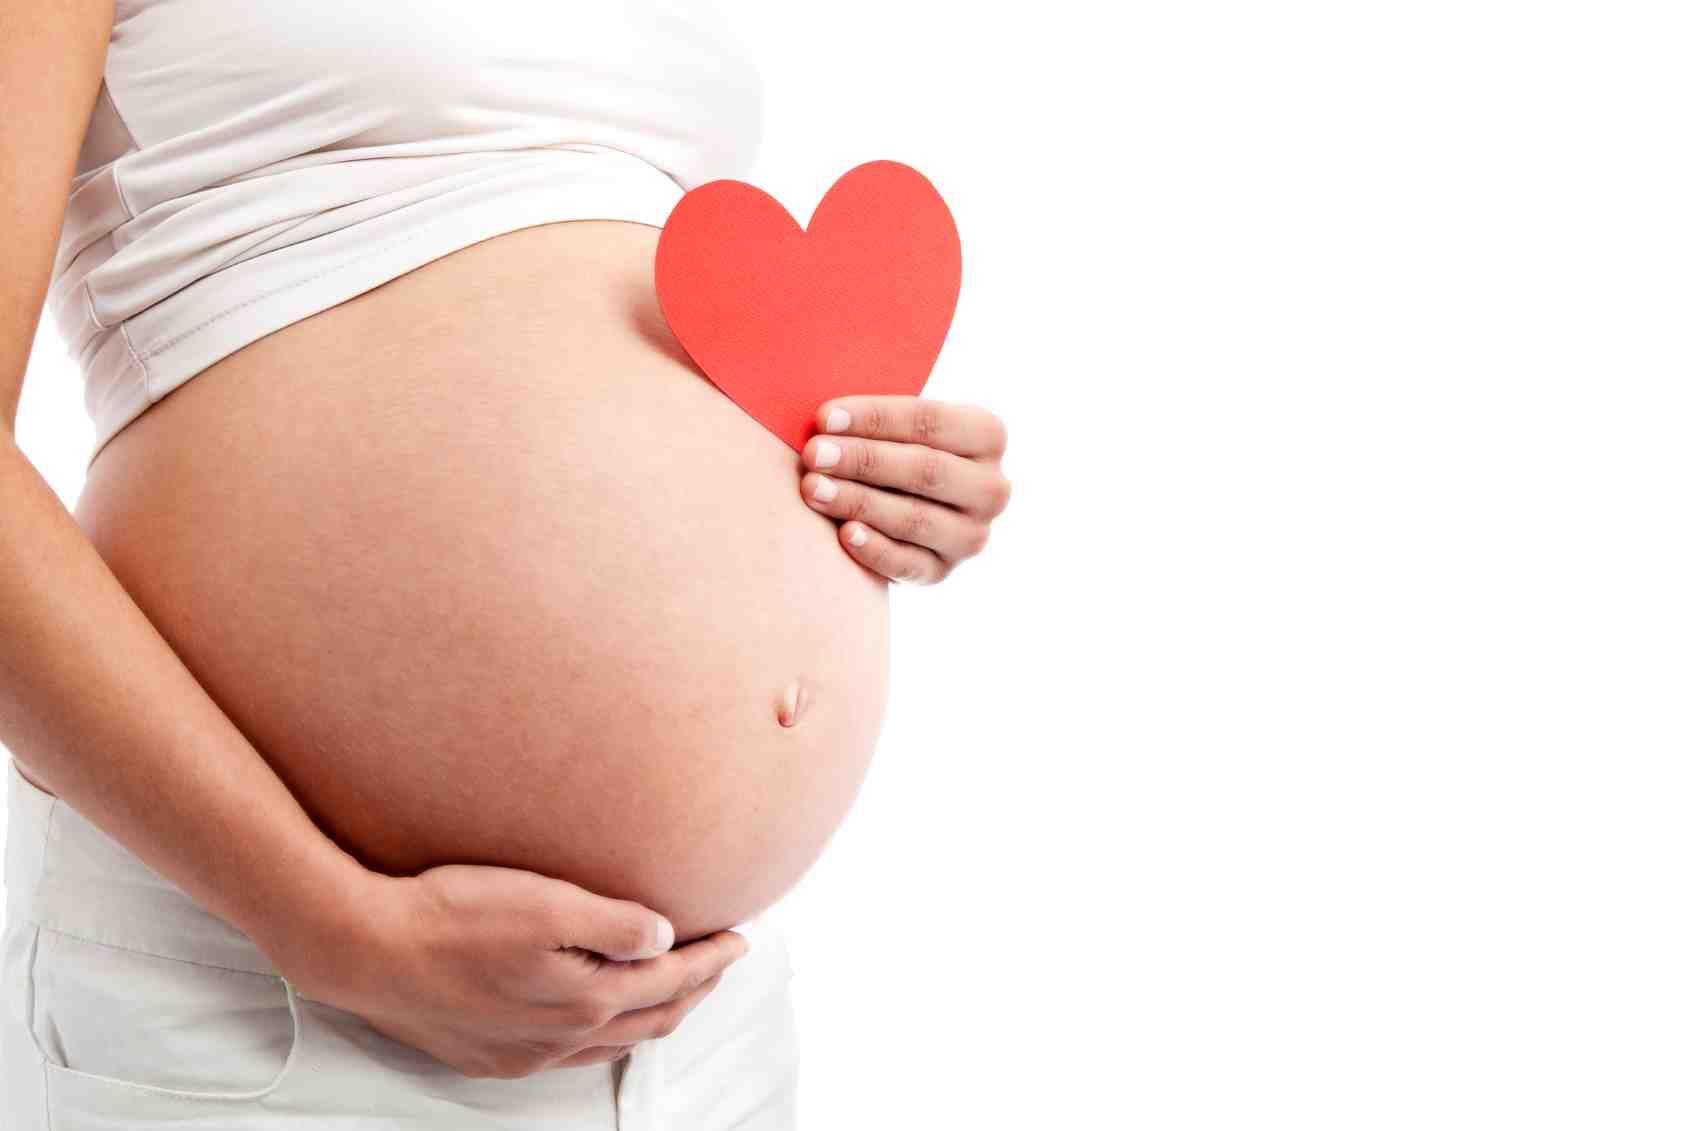 cuidado embarazo promofarma